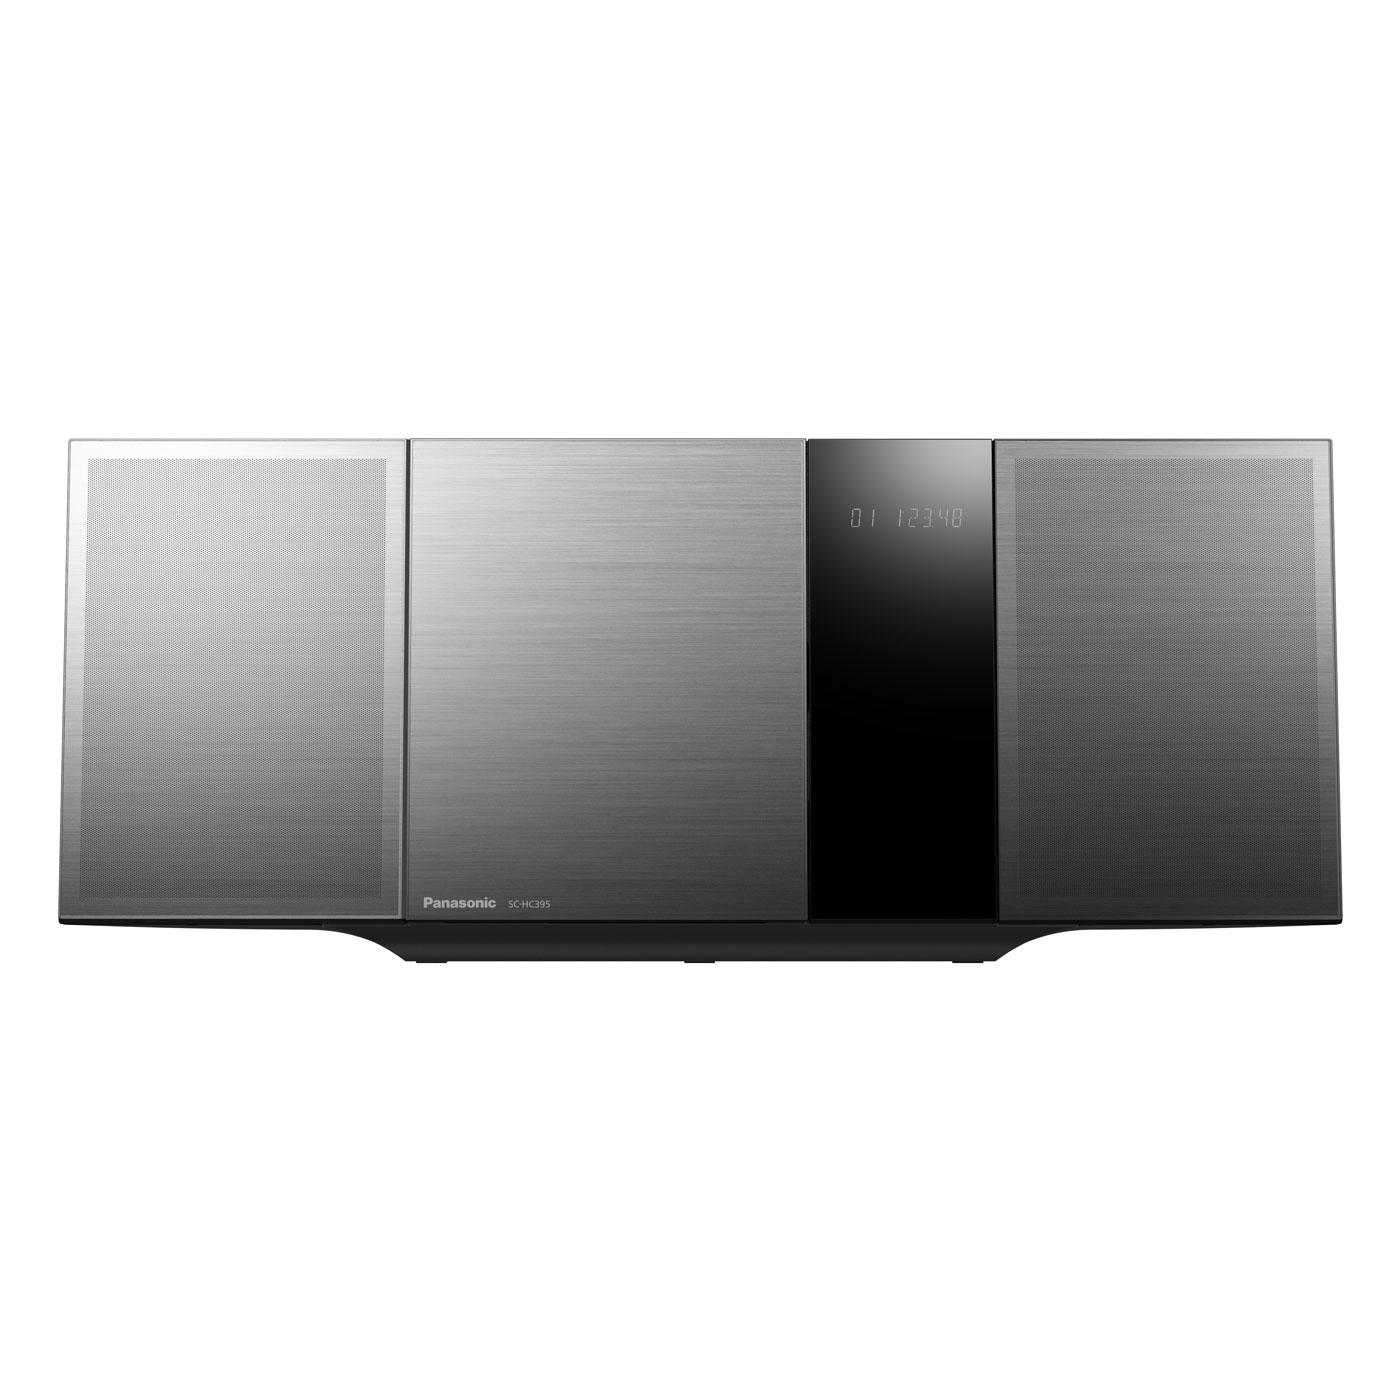 Chaîne Hifi Panasonic SC-HC395EG-K Micro-chaîne CD/MP3 Bluetooth, NFC, FM, port USB et entrée auxiliaire